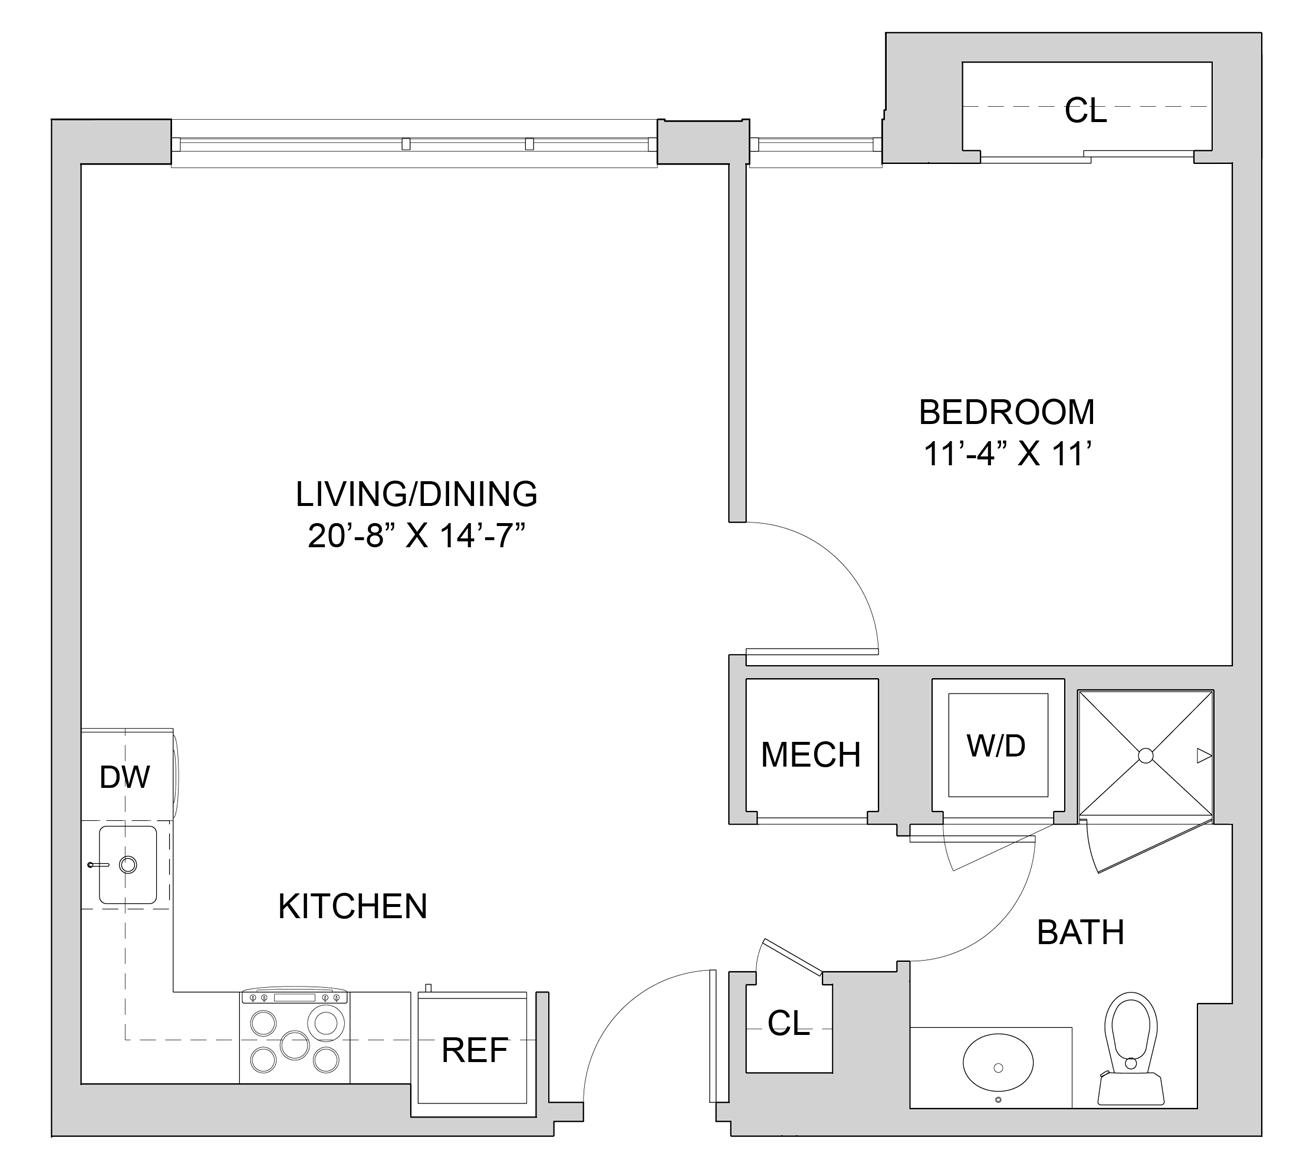 Floorplan N318 Image